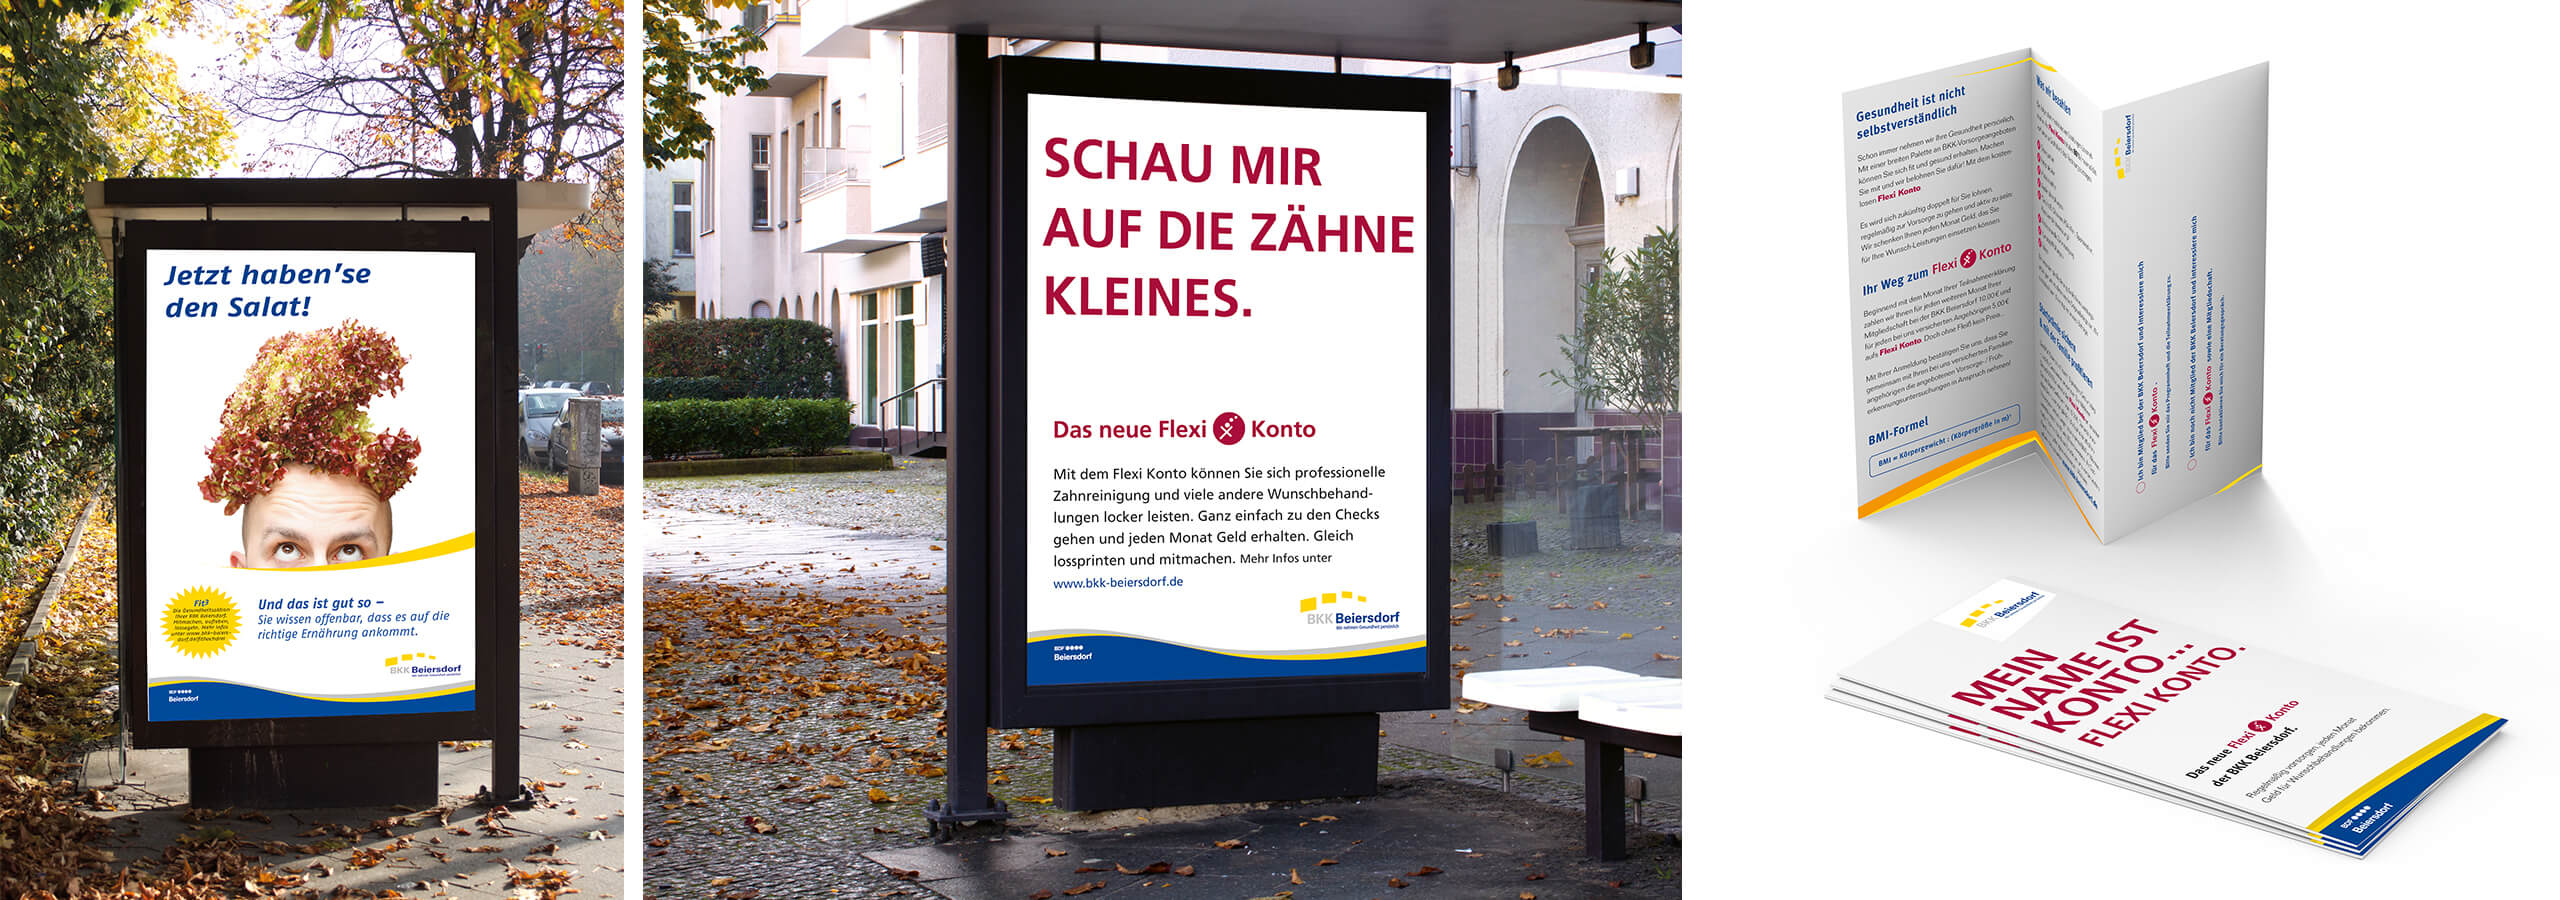 Plakatkampagne Hamburg Agentur